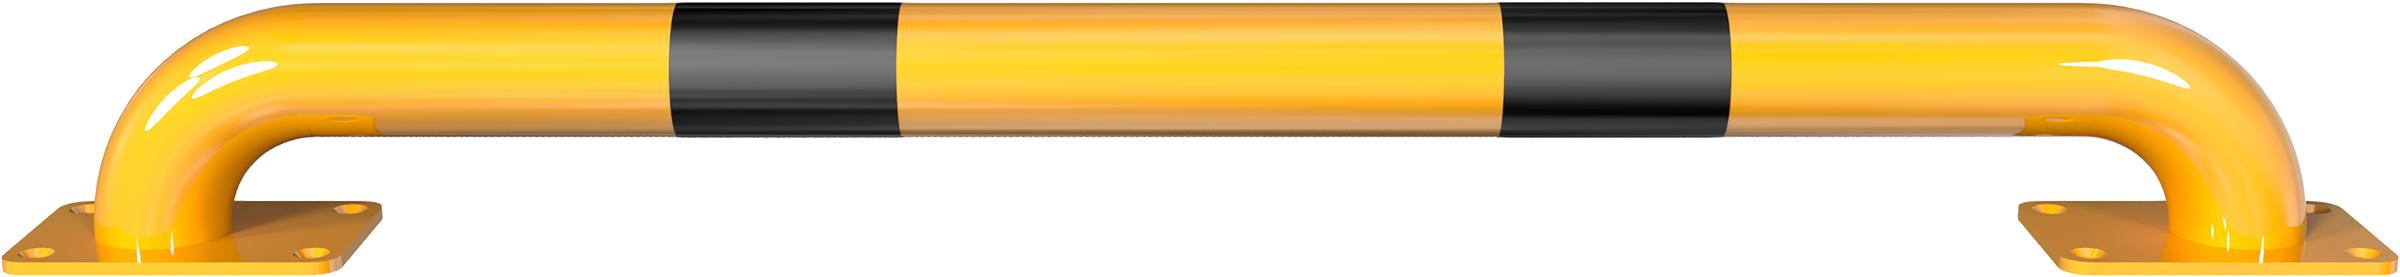 Schake Rammschutz-Bügel Stahl Ø 60 mm gelb | schwarz